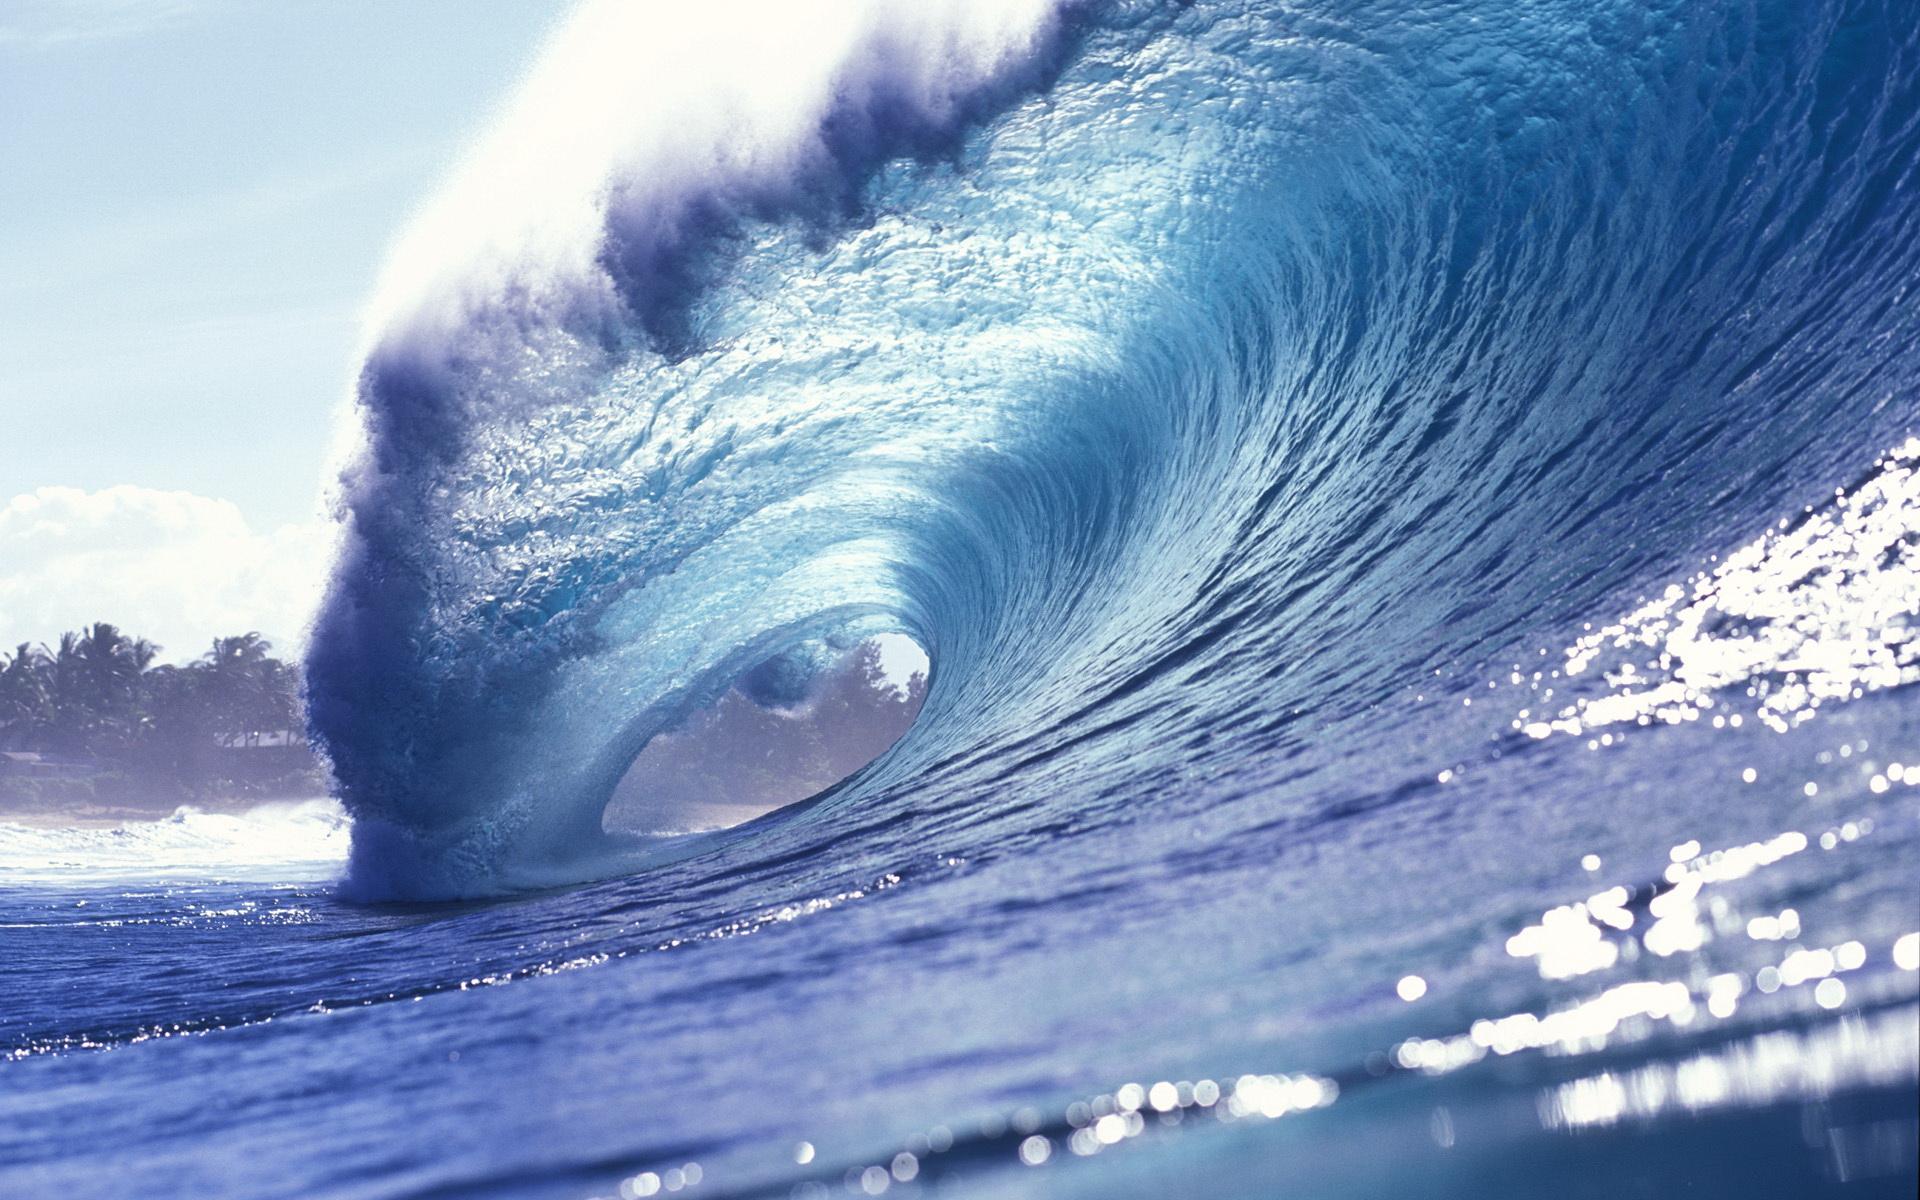 Tải hình nền sóng biển đẹp